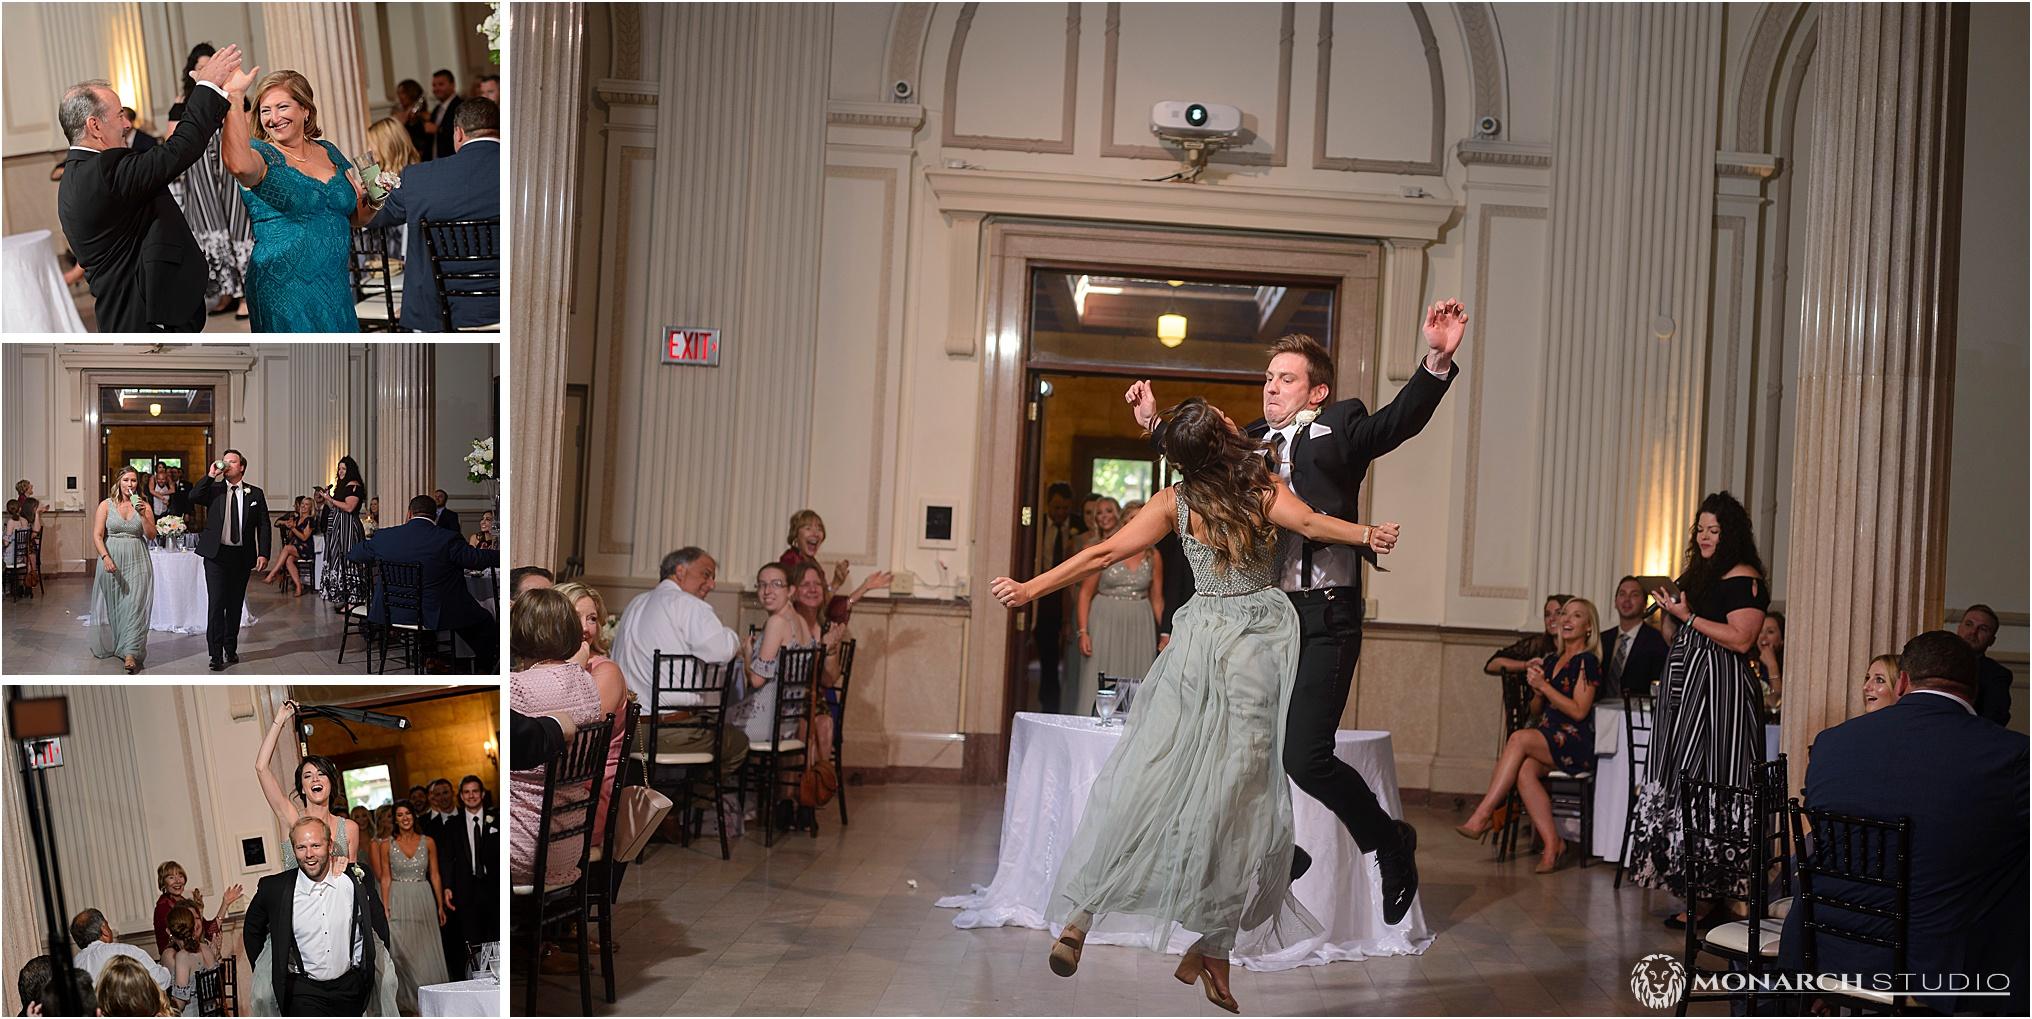 Wedding-PHotographer-in-st-augustine-2019-089.jpg